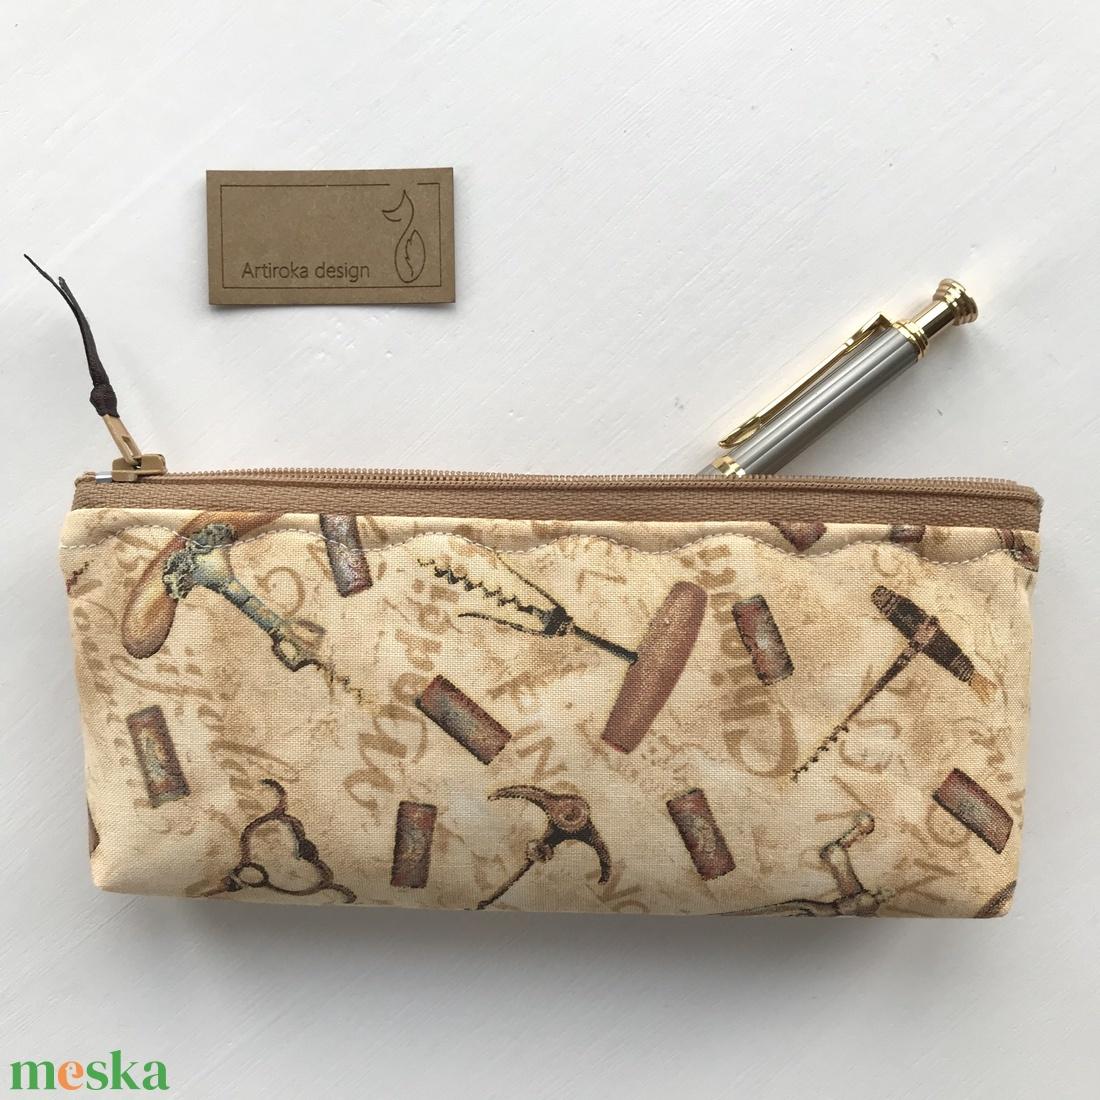 Bor, Mámor, Provence - irattartó vagy tolltartó -  szemüvegtok - neszesszer  - Artiroka design  - táska & tok - neszesszer - Meska.hu